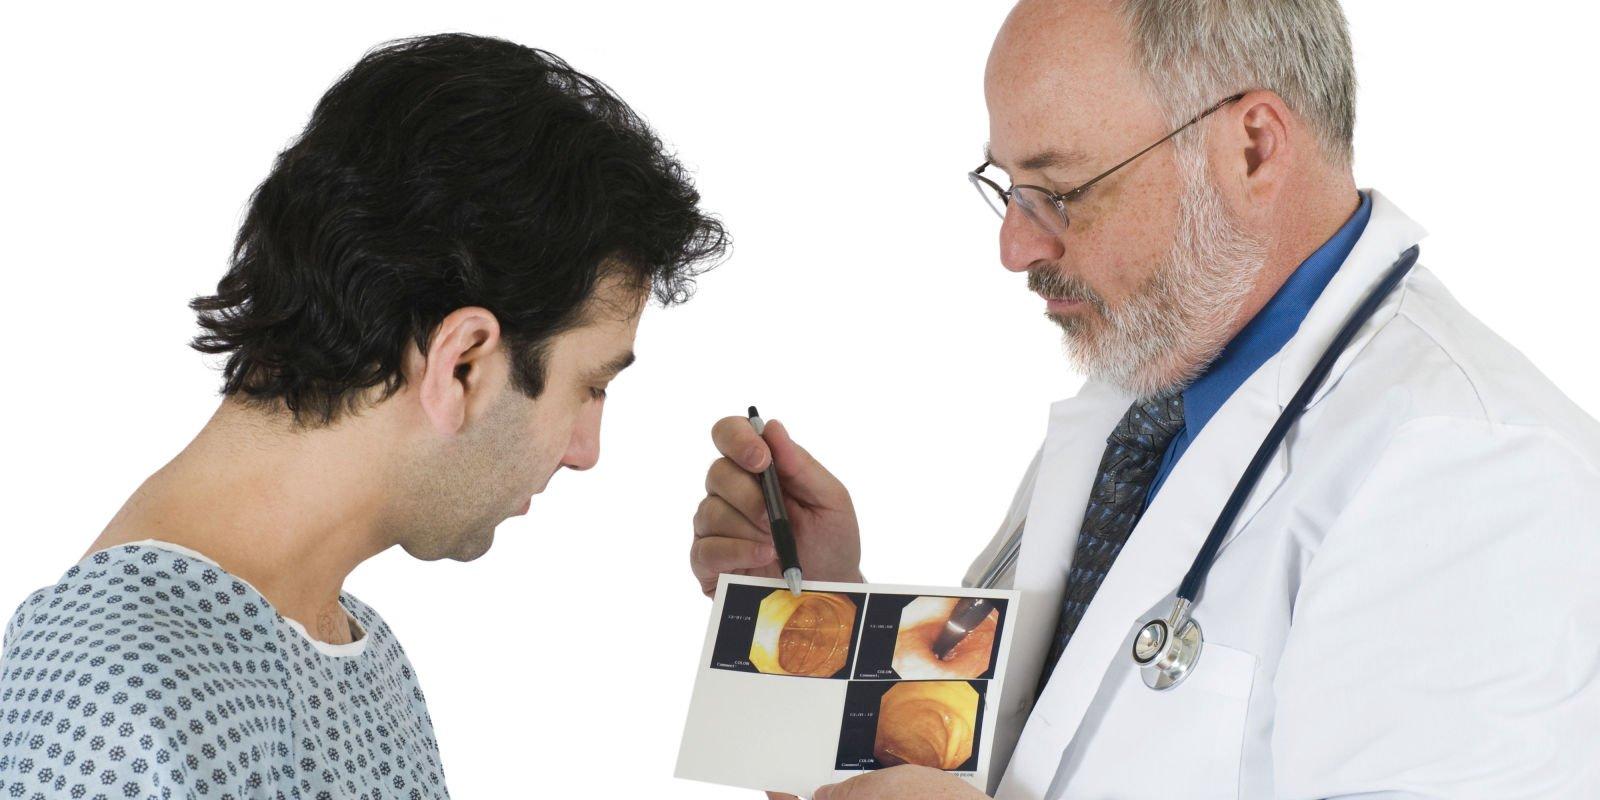 Ректороманоскопия: что это такое и как проводится, что показывает ректоскопия кишечника, показания и противопоказания, фото и видео метода диагностики